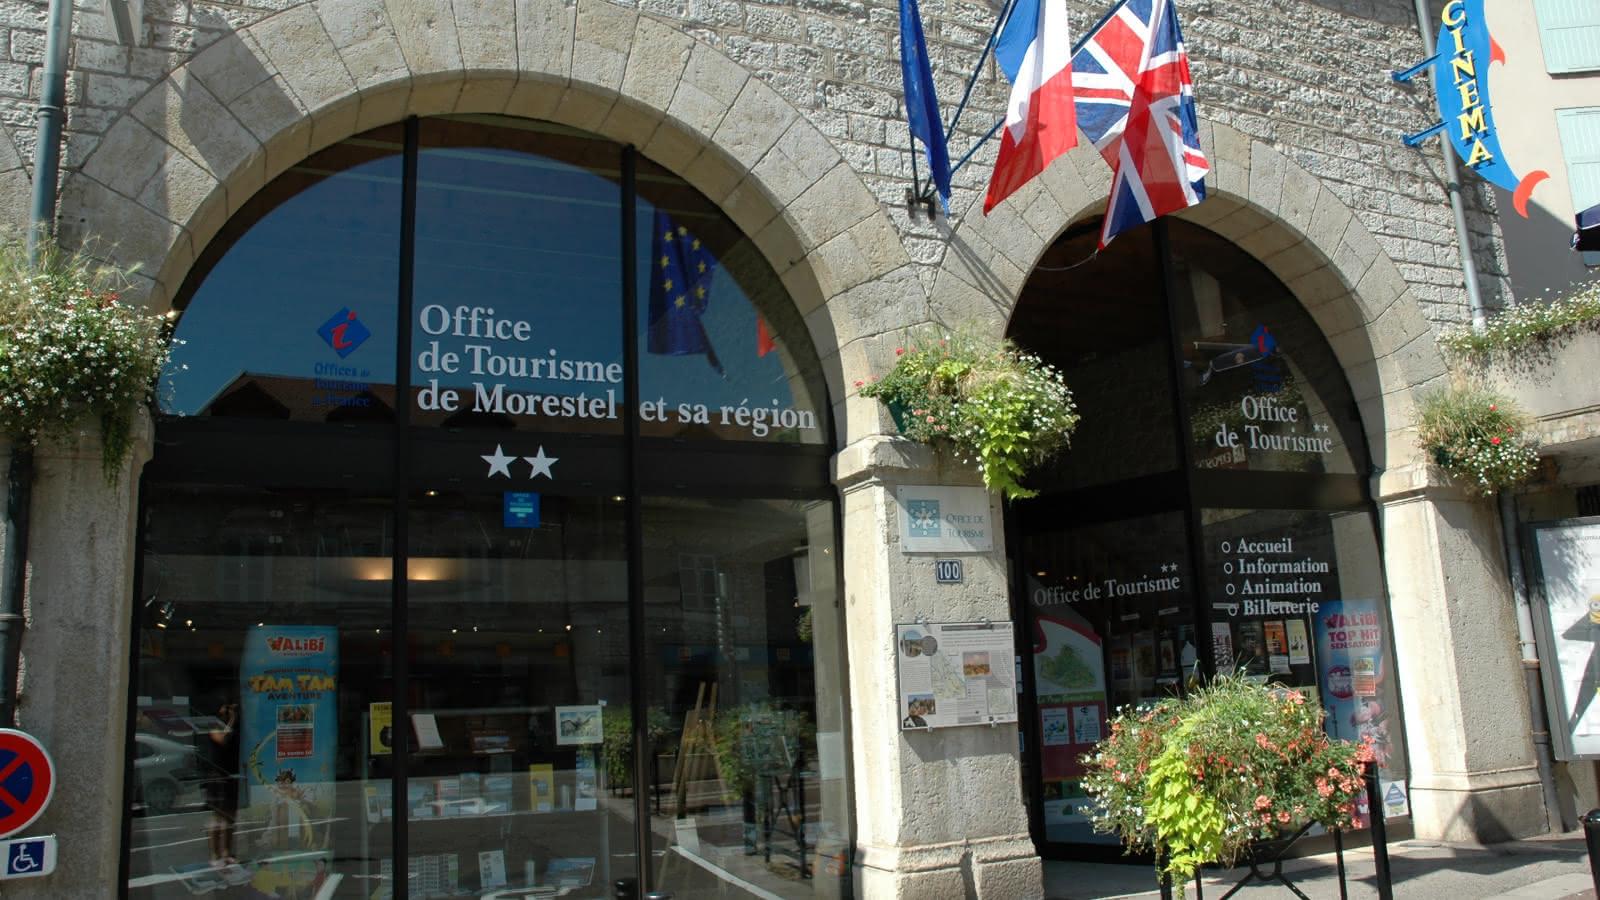 Office de Tourisme de Morestel et sa Région